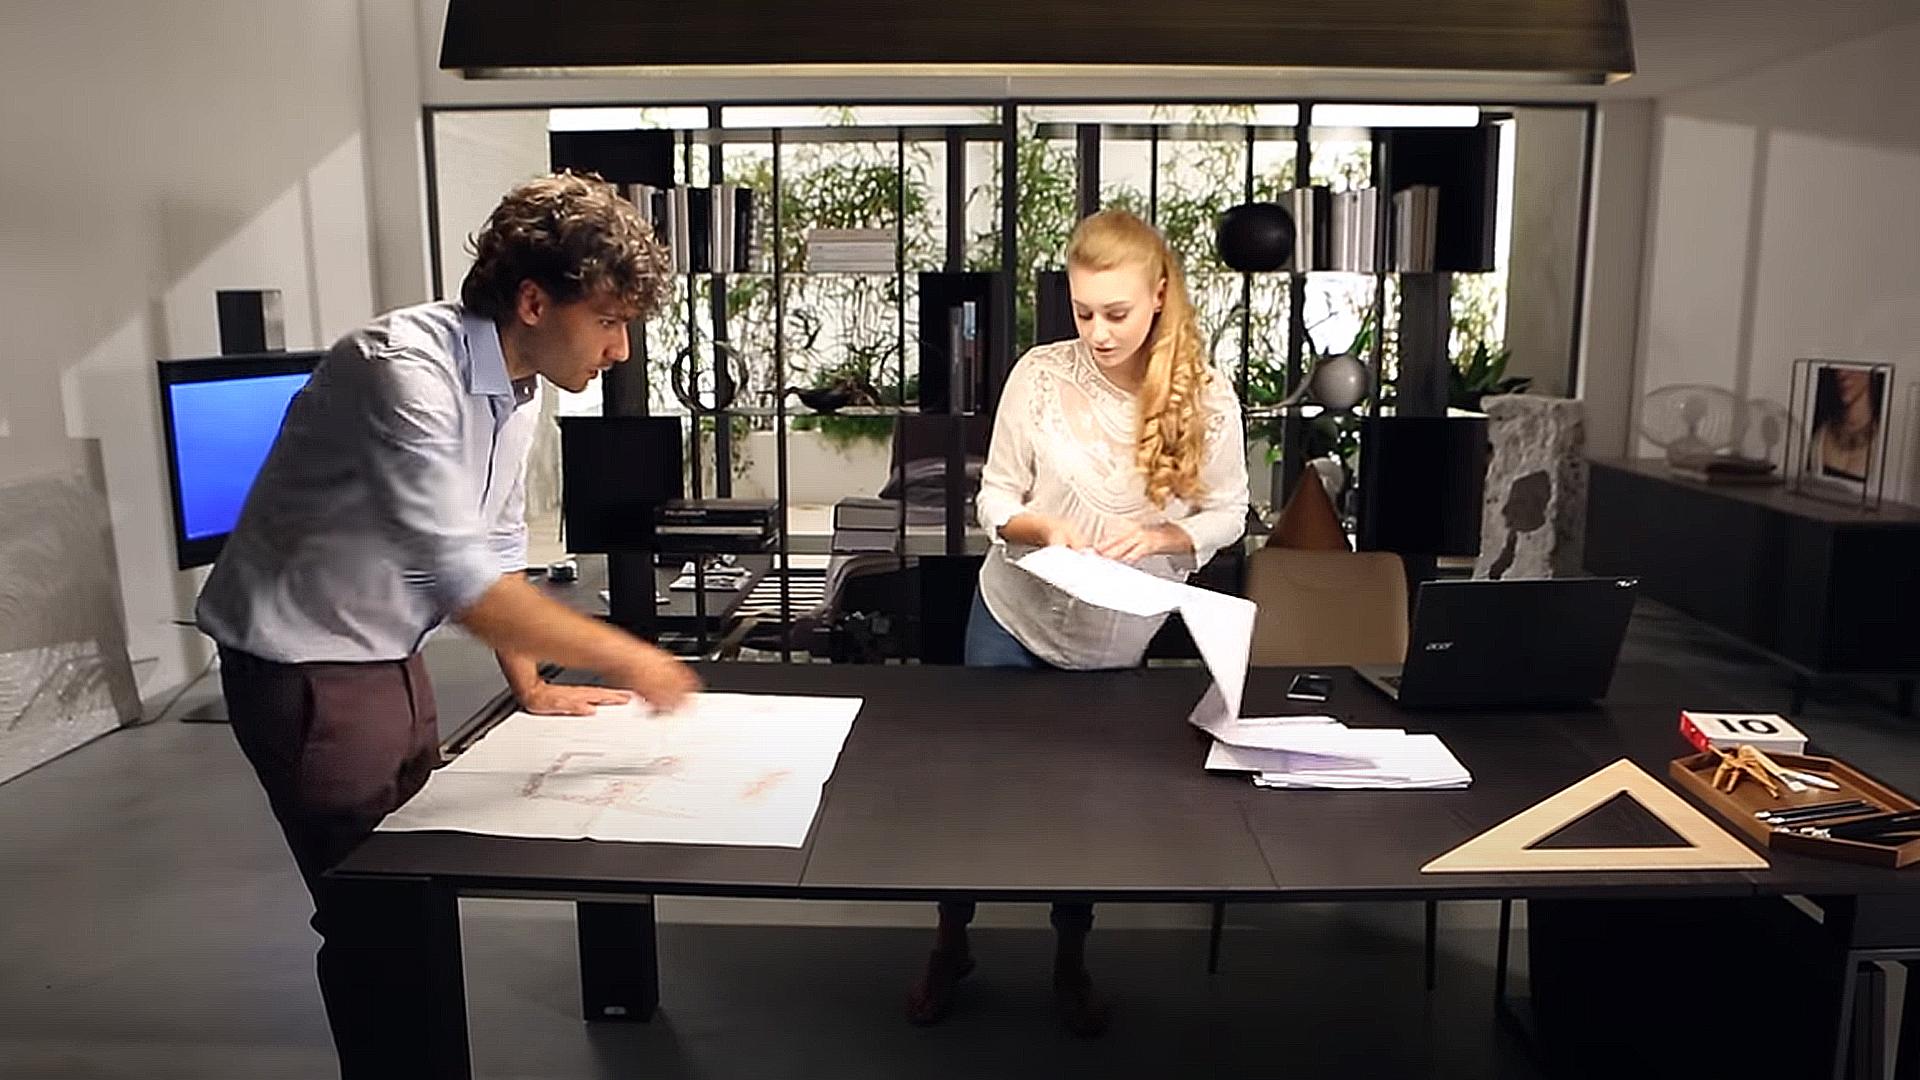 オフィスでエクステンションテーブルを使用して仕事の効率化を図る画像